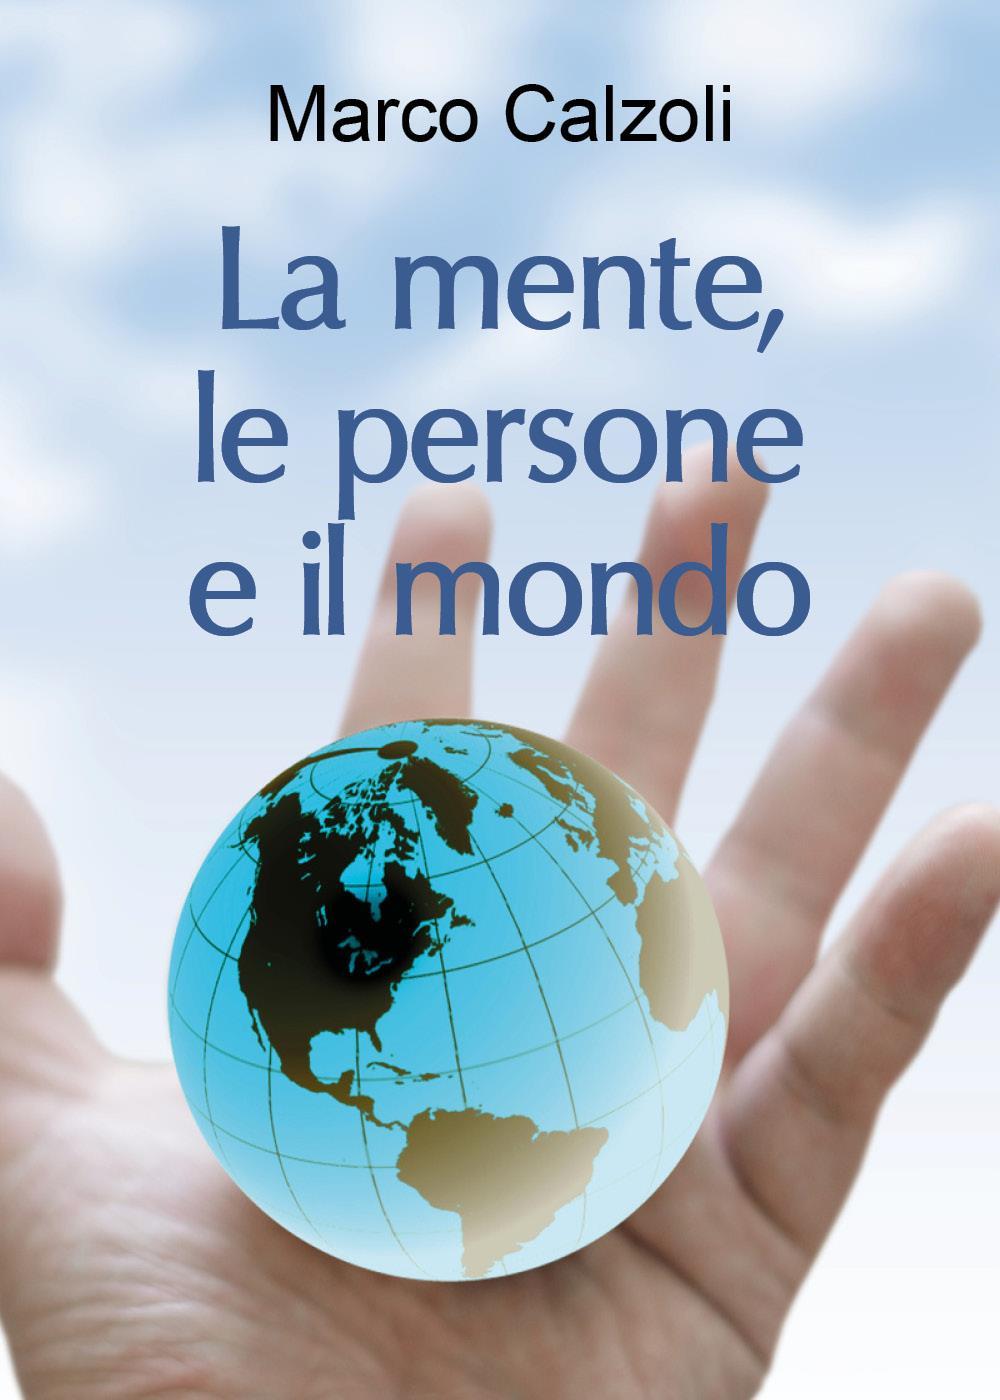 La mente, le persone e il mondo